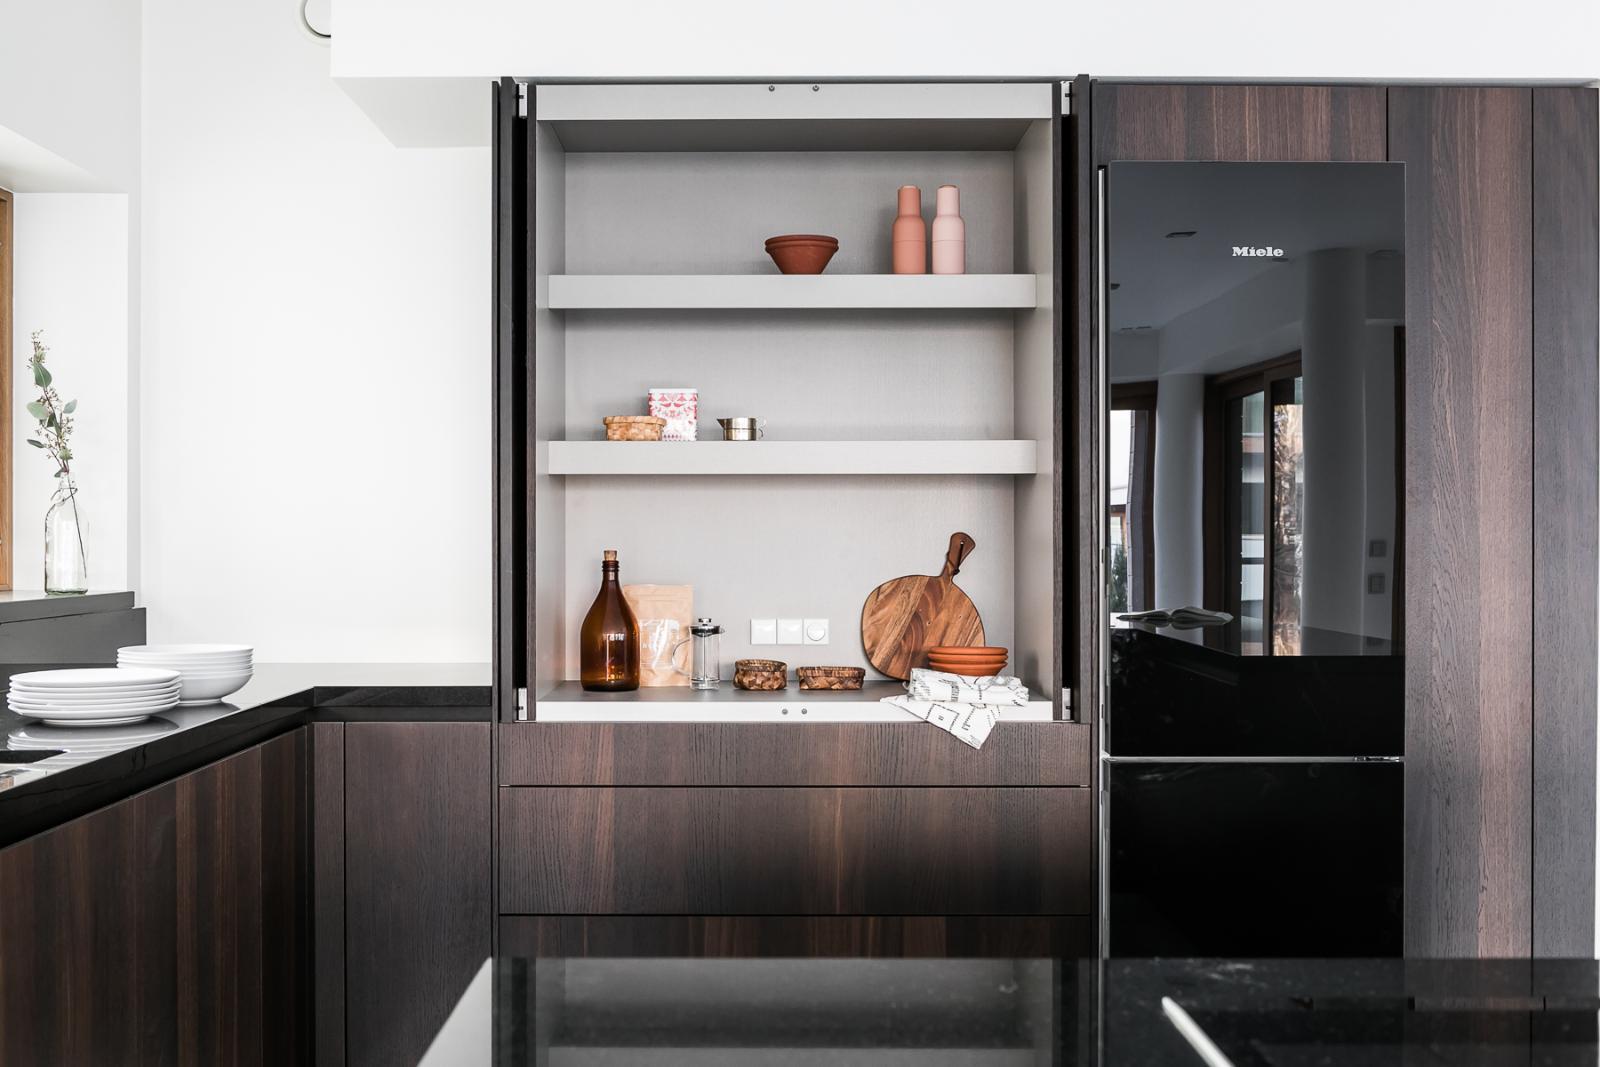 Aamiaiskaappi on kätevä säilytysratkaisu keittiössä  Etuovi com Ideat &